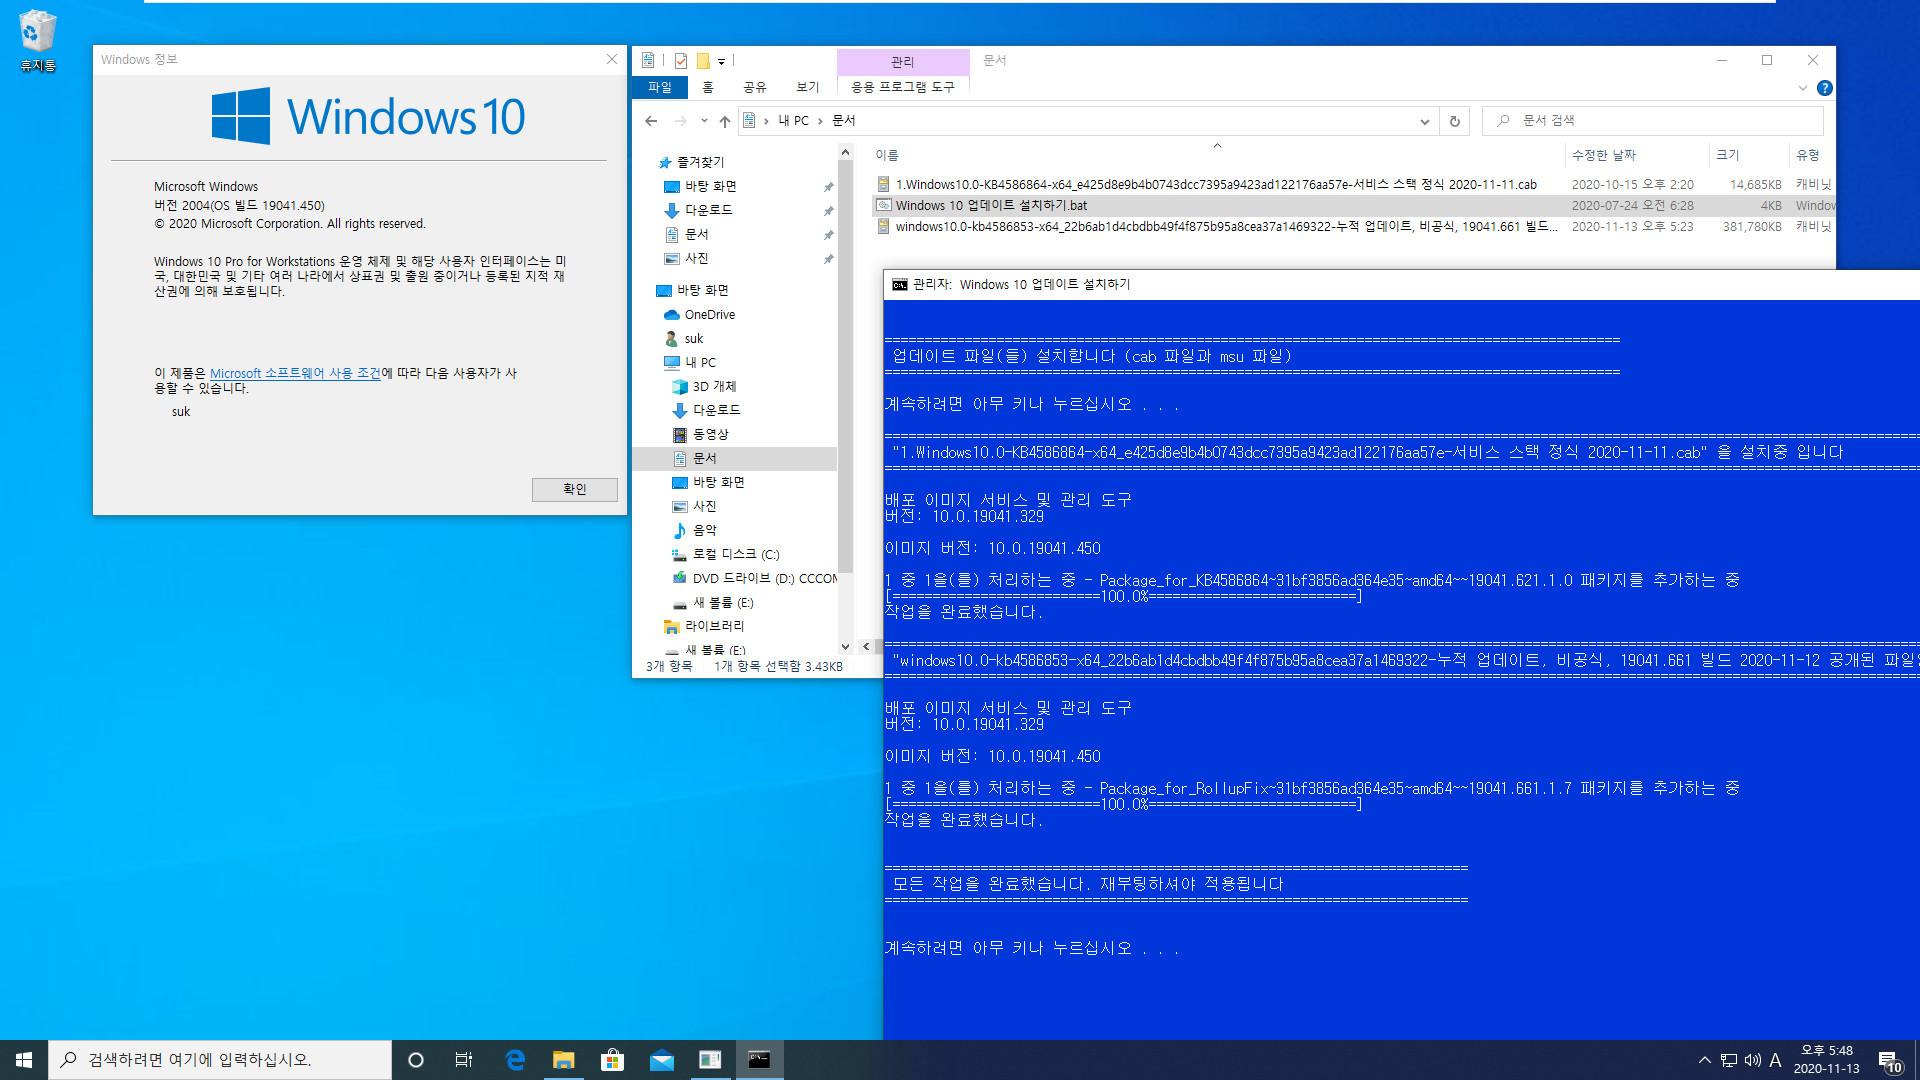 2020-11-13 금요일 [프리뷰] Windows 10 버전 2004 + 버전 20H2 누적 업데이트 KB4586853 (OS 빌드 19041.661 + 19042.661) - vmware에 설치 테스트 2020-11-13_174820.jpg